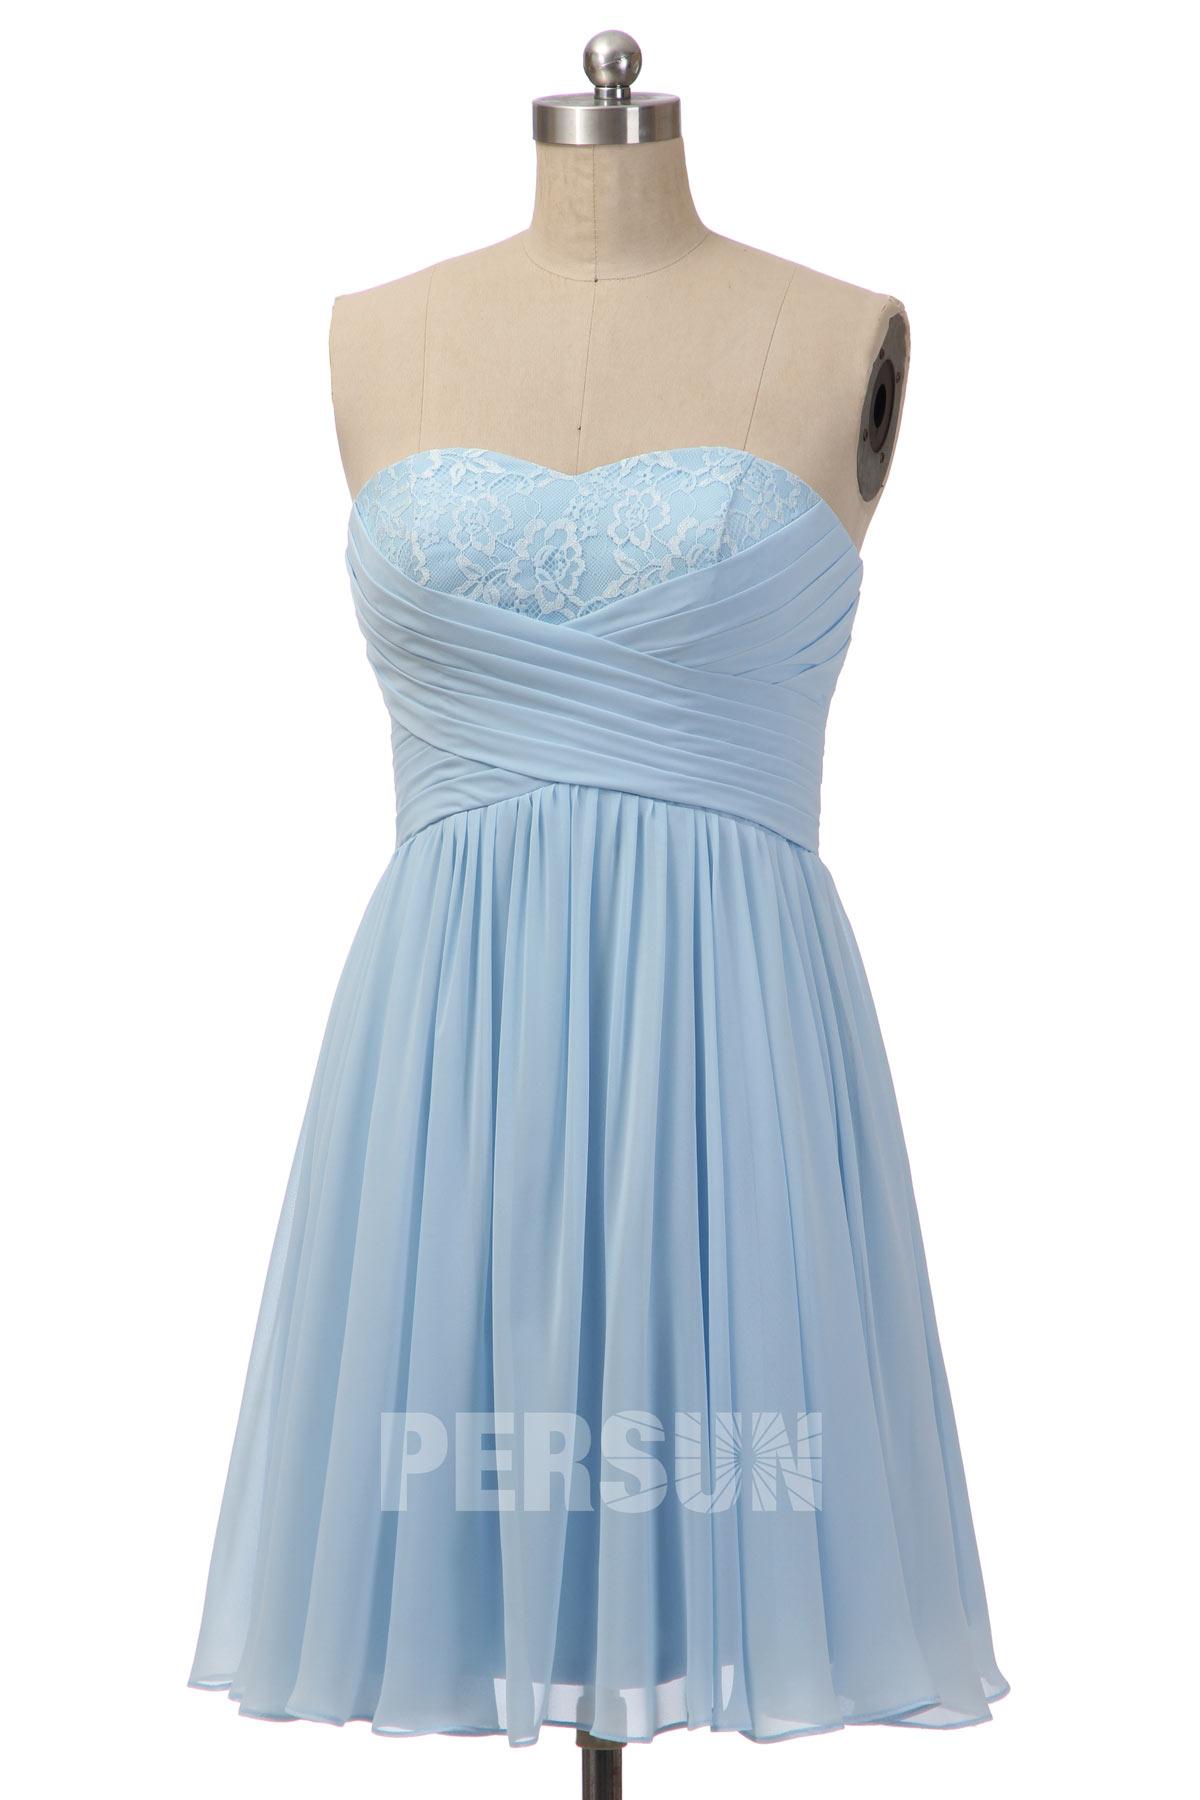 robe demoiselle d'honneur courte bleu bustier plissé embelli de dentelle